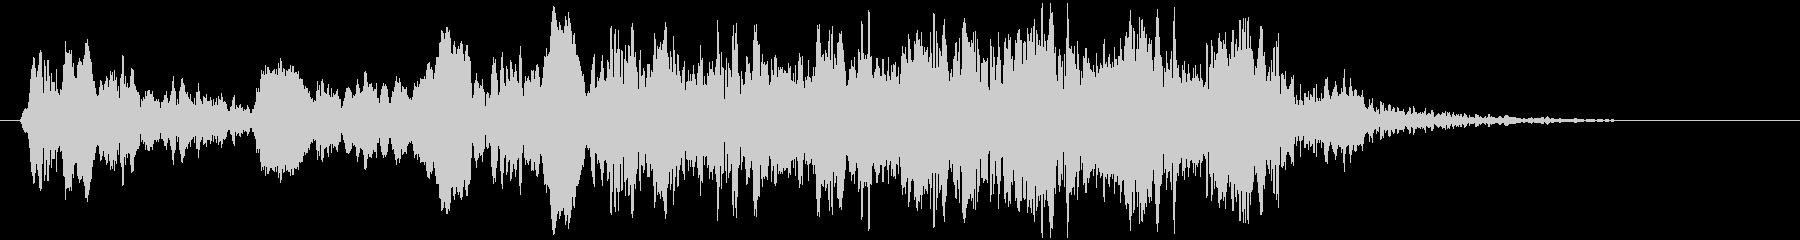 トンビ(トビ、鳶)ヒッヒョロロロロの未再生の波形